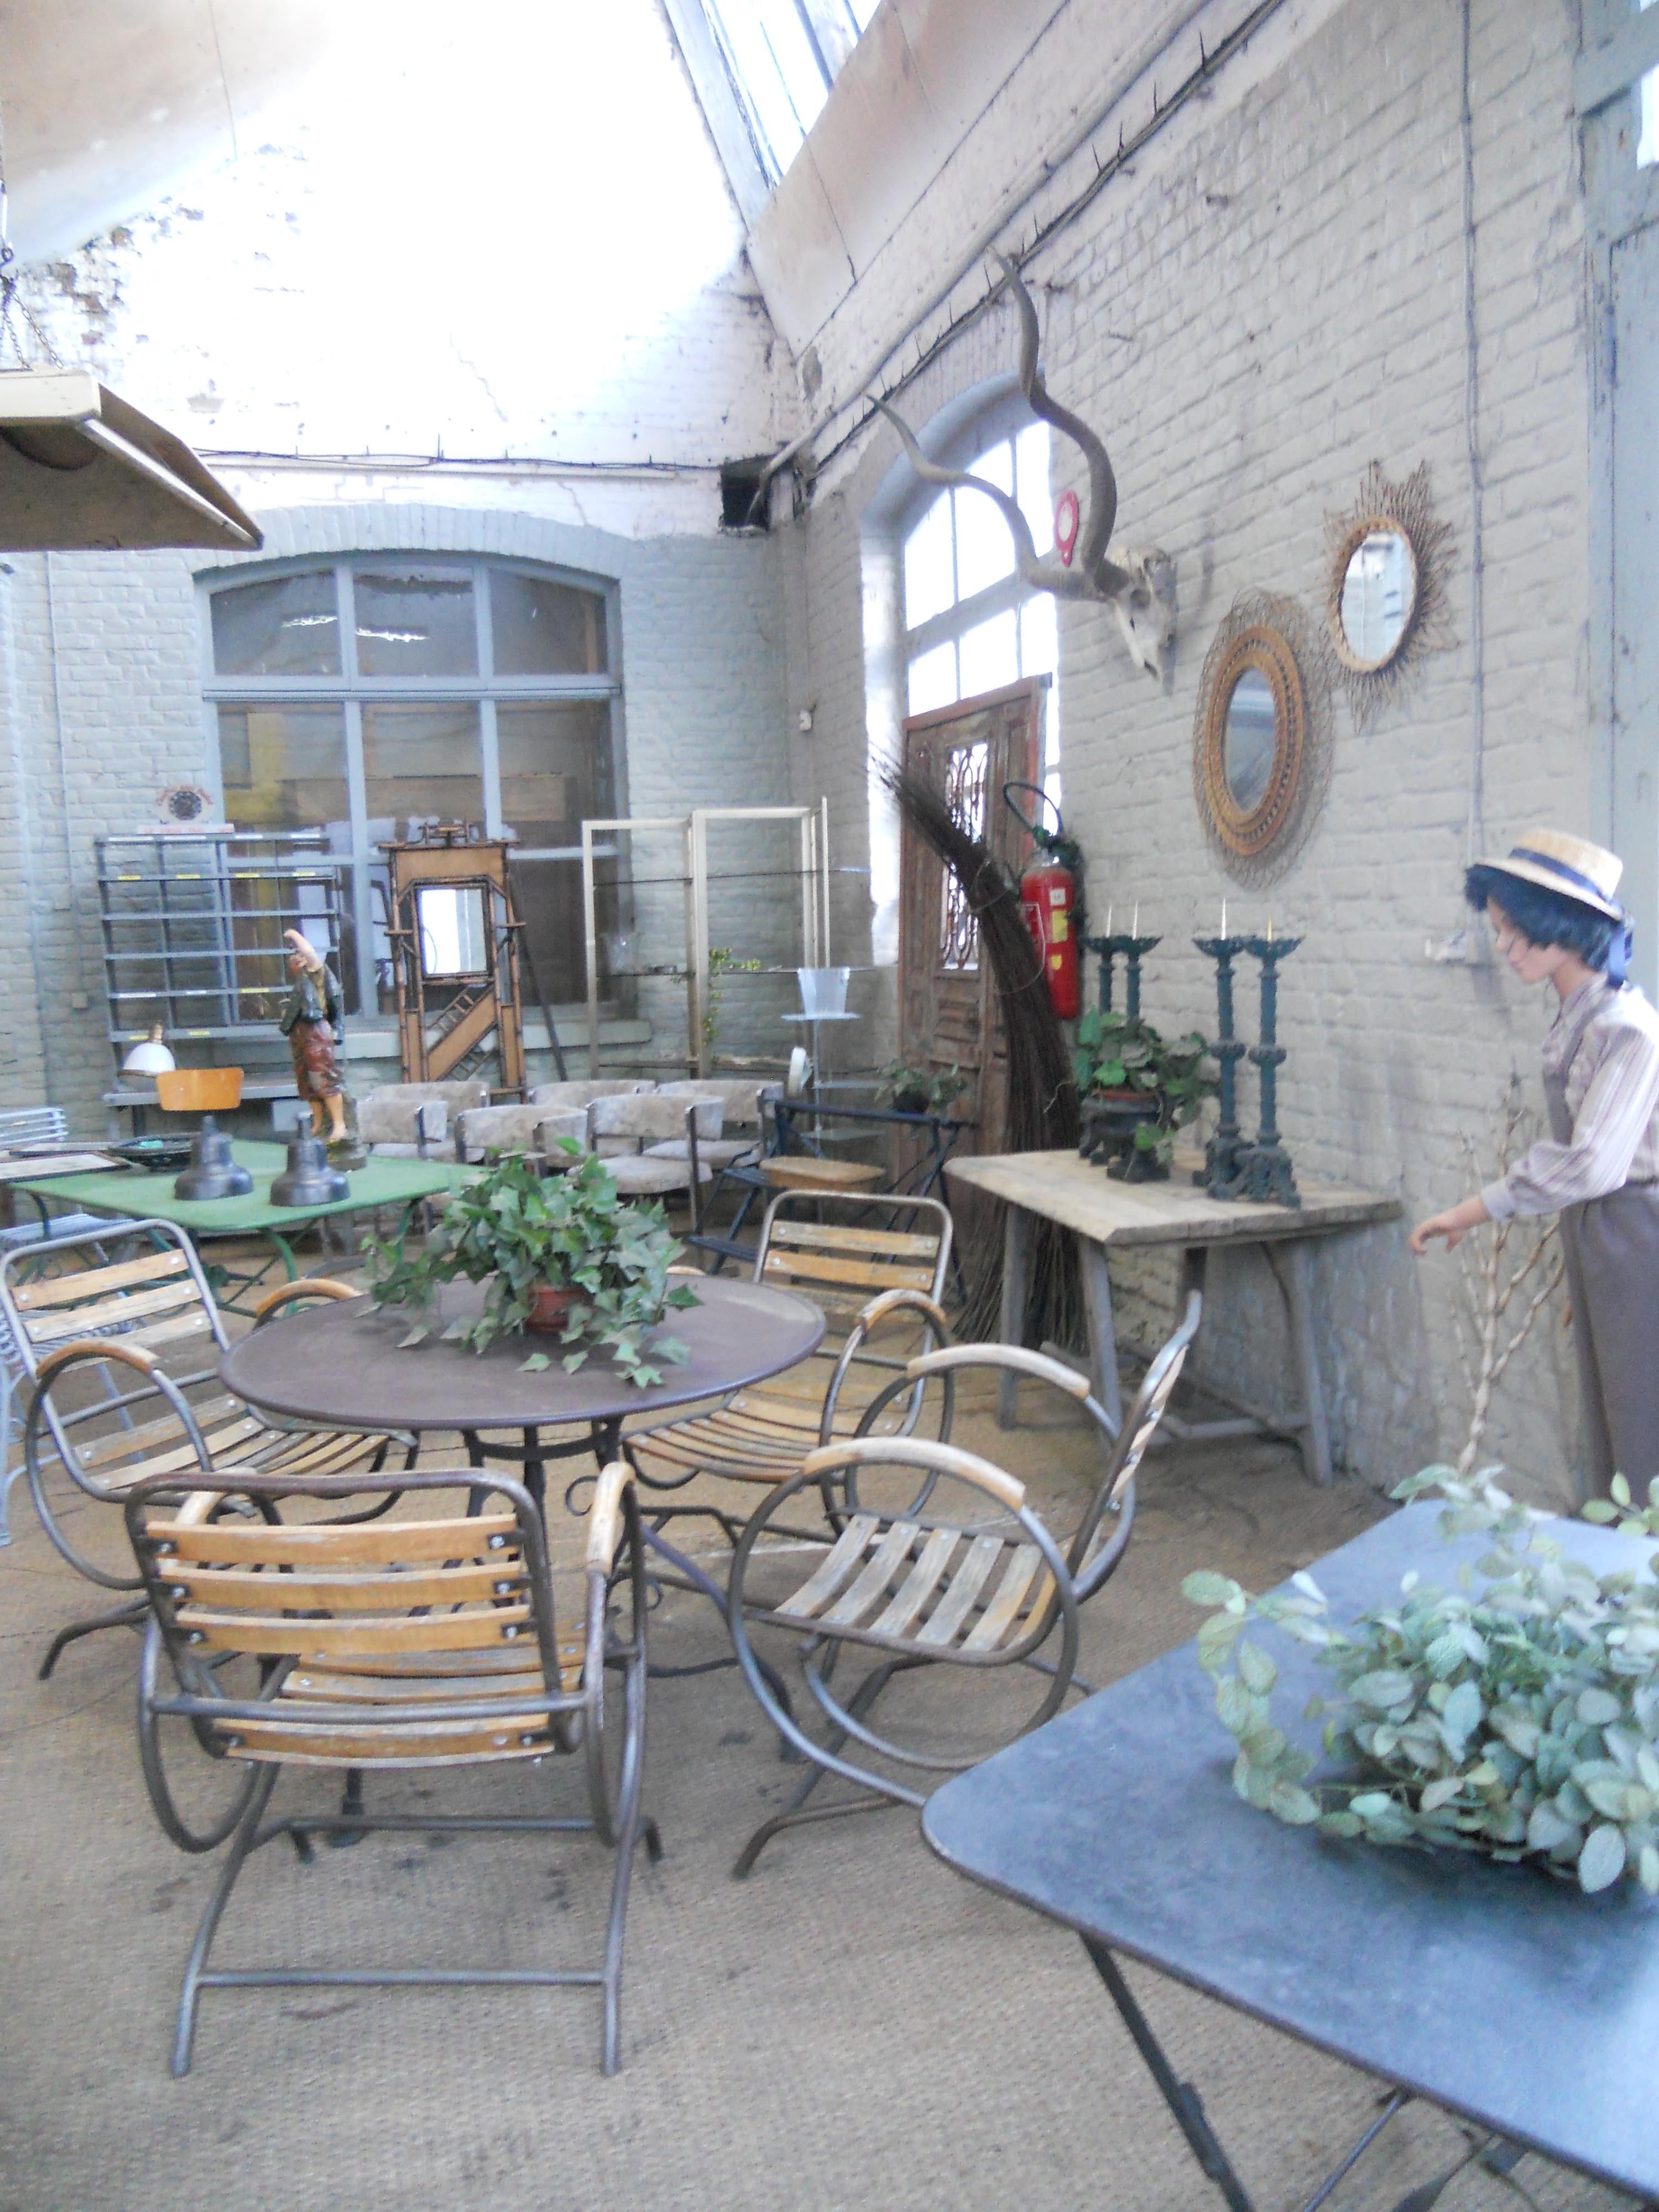 saint-andré-village-antiquaires-meubles-jardin - Plus au nord